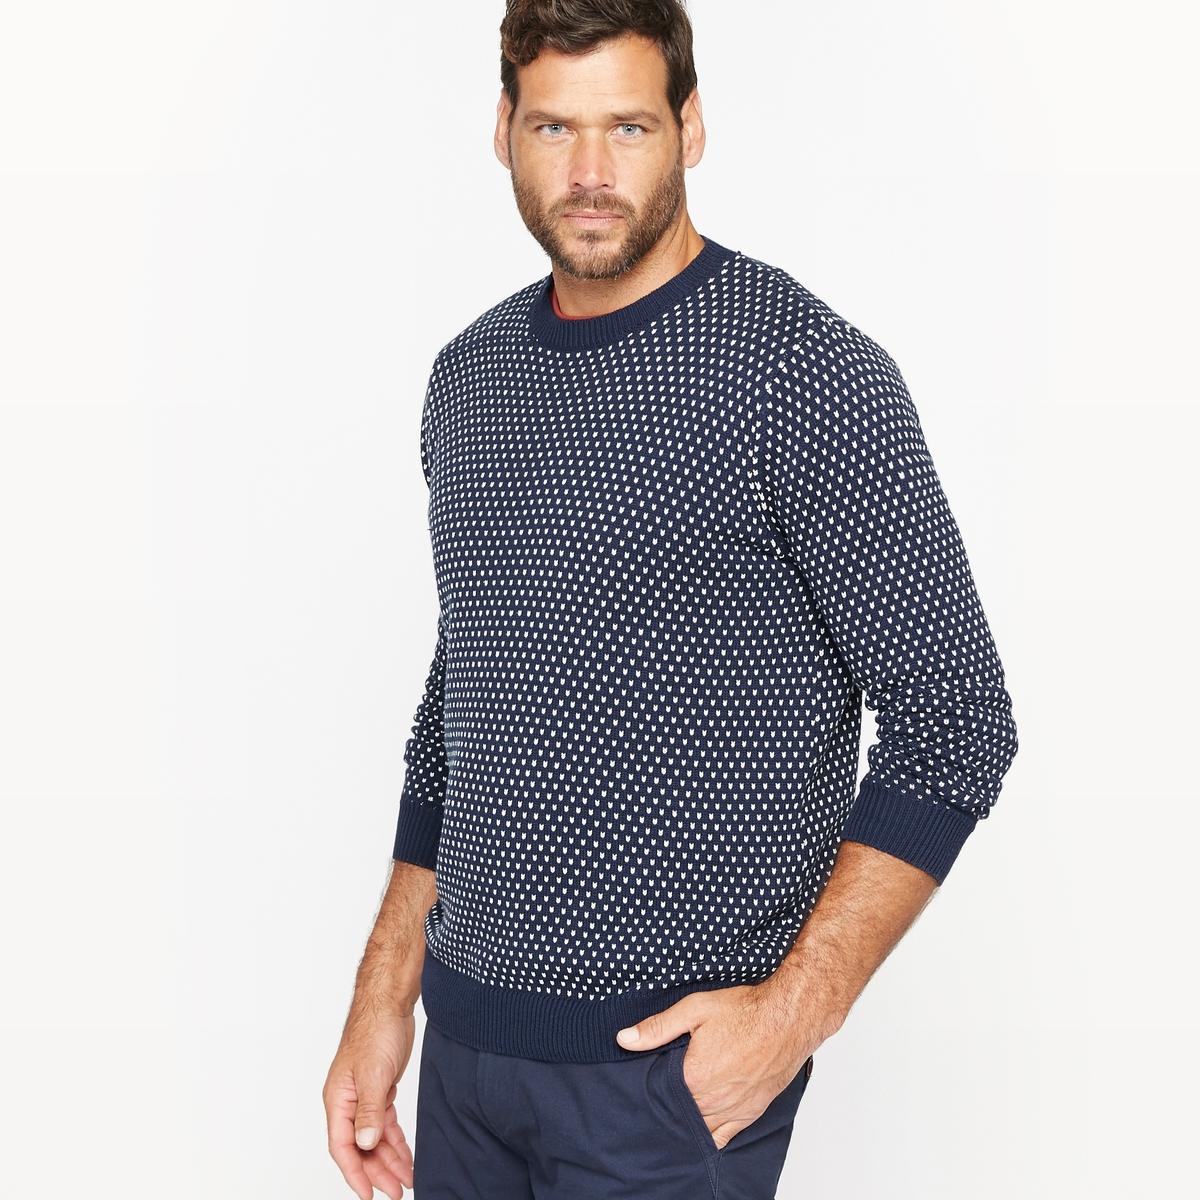 Пуловер двухцветный из жаккардового трикотажаМатериал : жаккардовый трикотаж, 100% хлопок.Длина спереди 73-80 см, в зависимости от размера.Марка : CASTALUNA FOR MEN.Уход : Машинная стирка при 30 °C.<br><br>Цвет: жаккард/темно-синий<br>Размер: 50/52.54/56.66/68